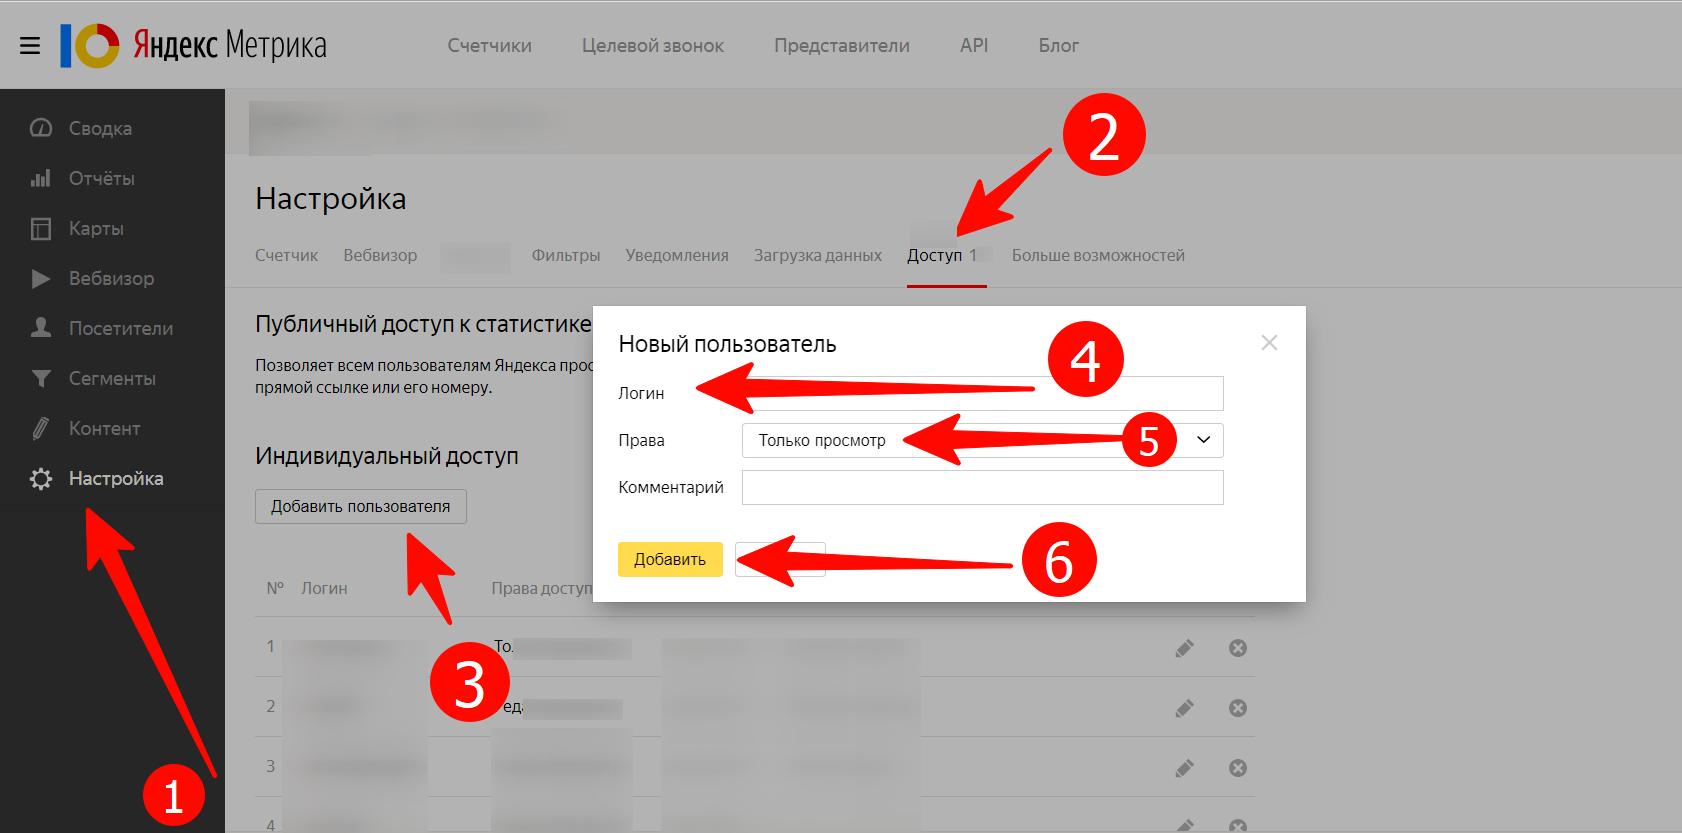 Настройка и оптимизация ретаргетинга в Яндекс.Директ – предоставление доступа к  Яндекс.Метрике